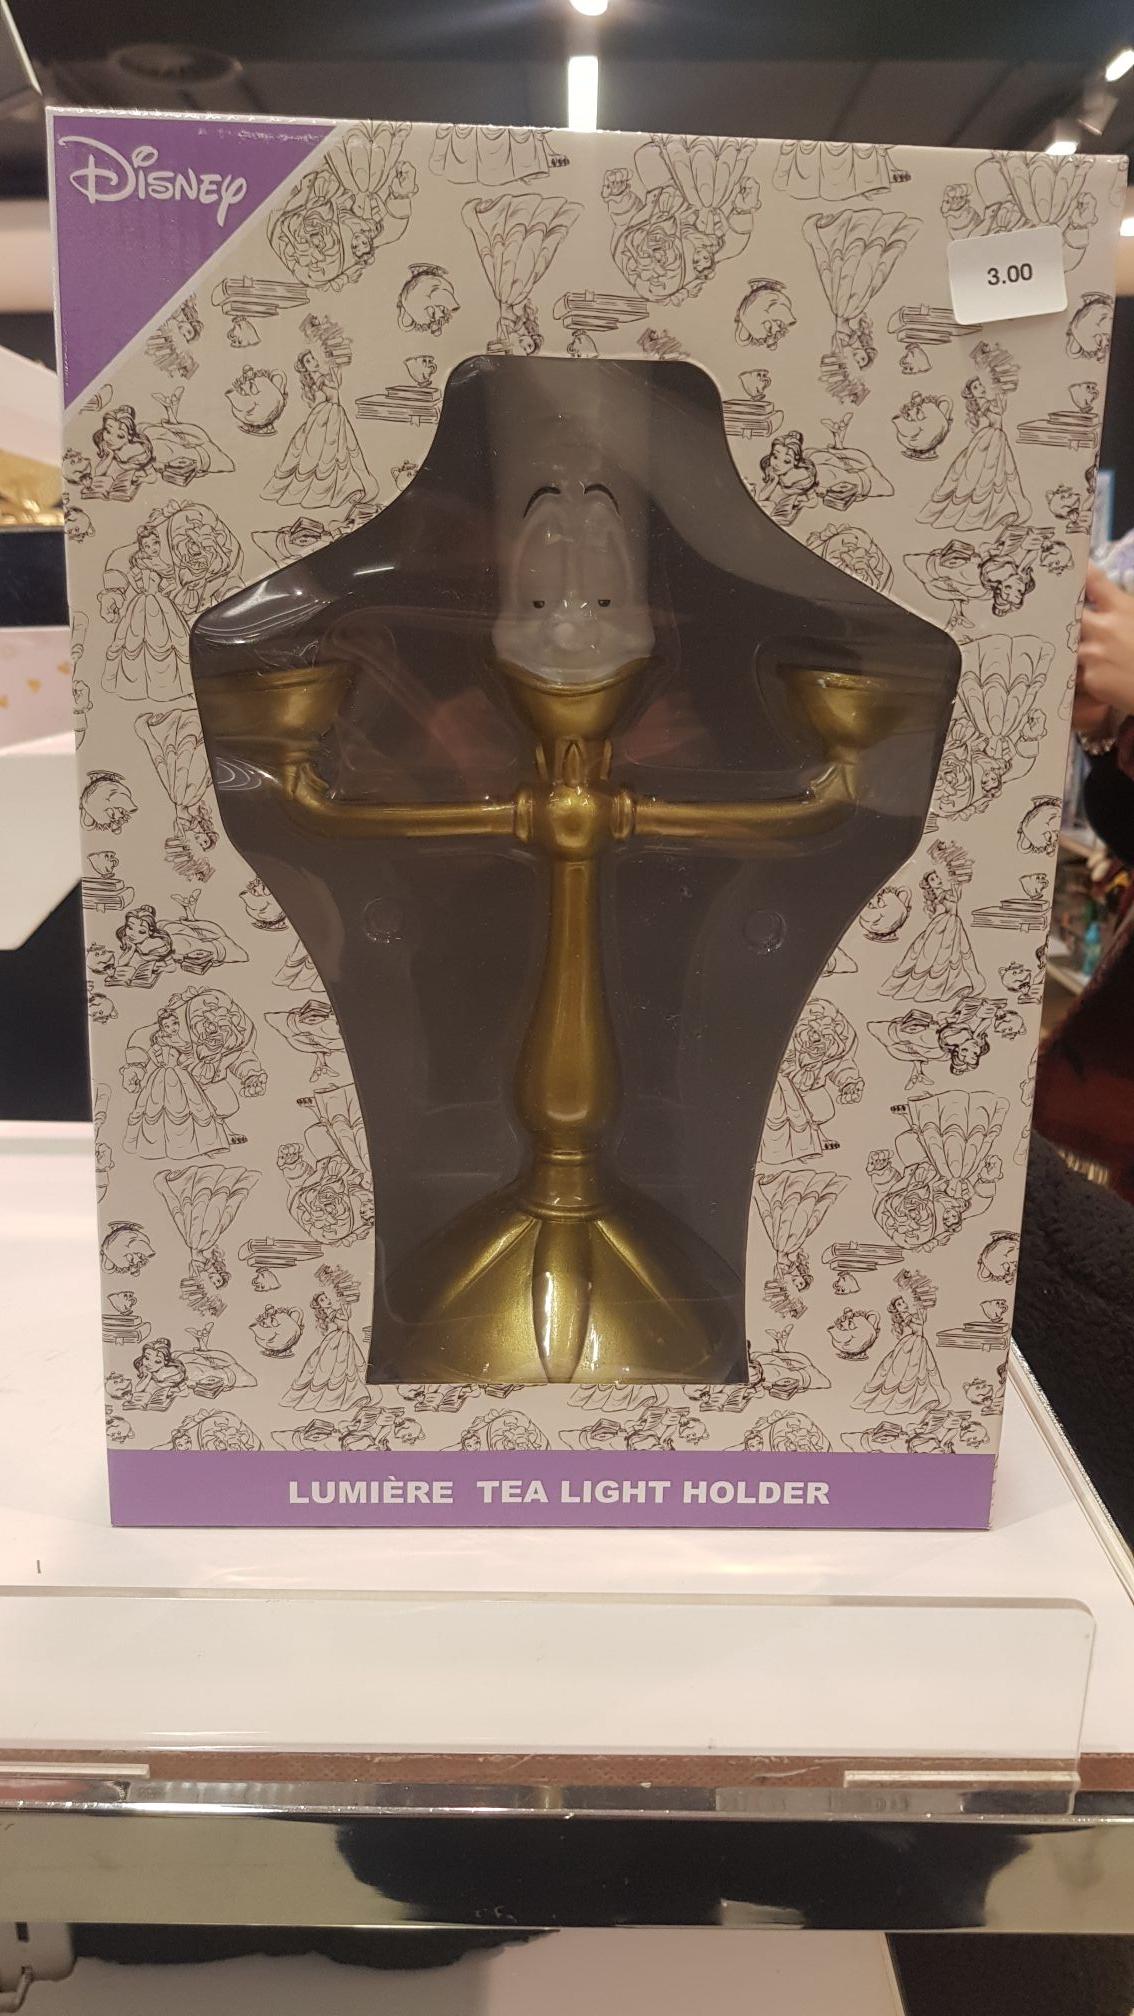 Sélection de produits Disney en promotion (Ex: Lumière Tea Light Holder de la Belle et la Bête) - Lille (59)